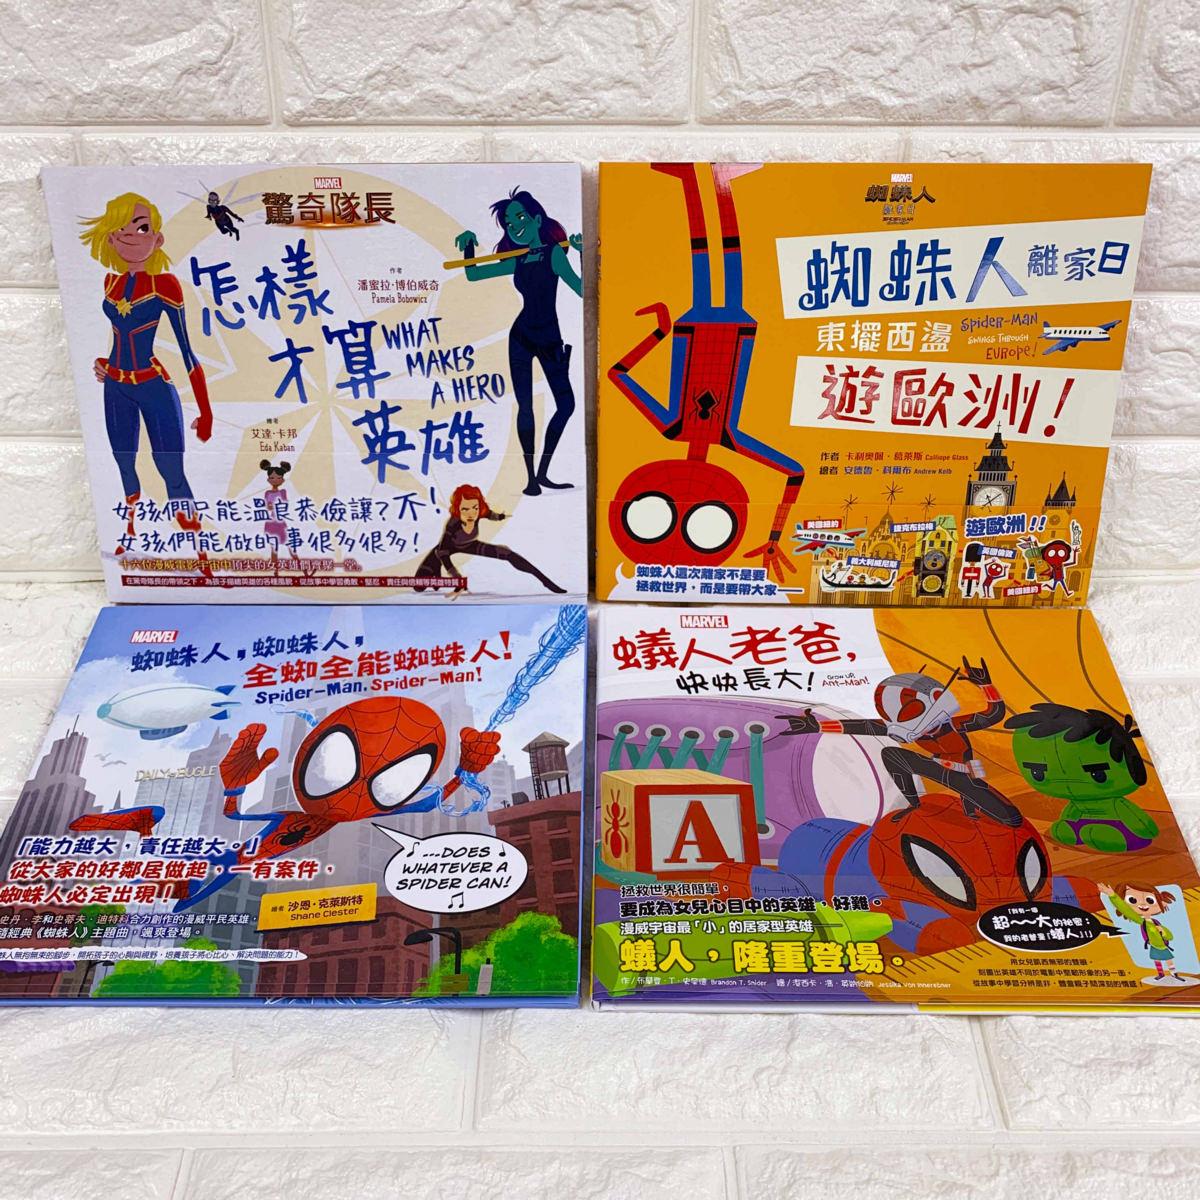 漫威系列童書繪本:蜘蛛人、蟻人爸爸、驚奇隊長與女英雄們,小孩看得懂的超級英雄!| 開箱